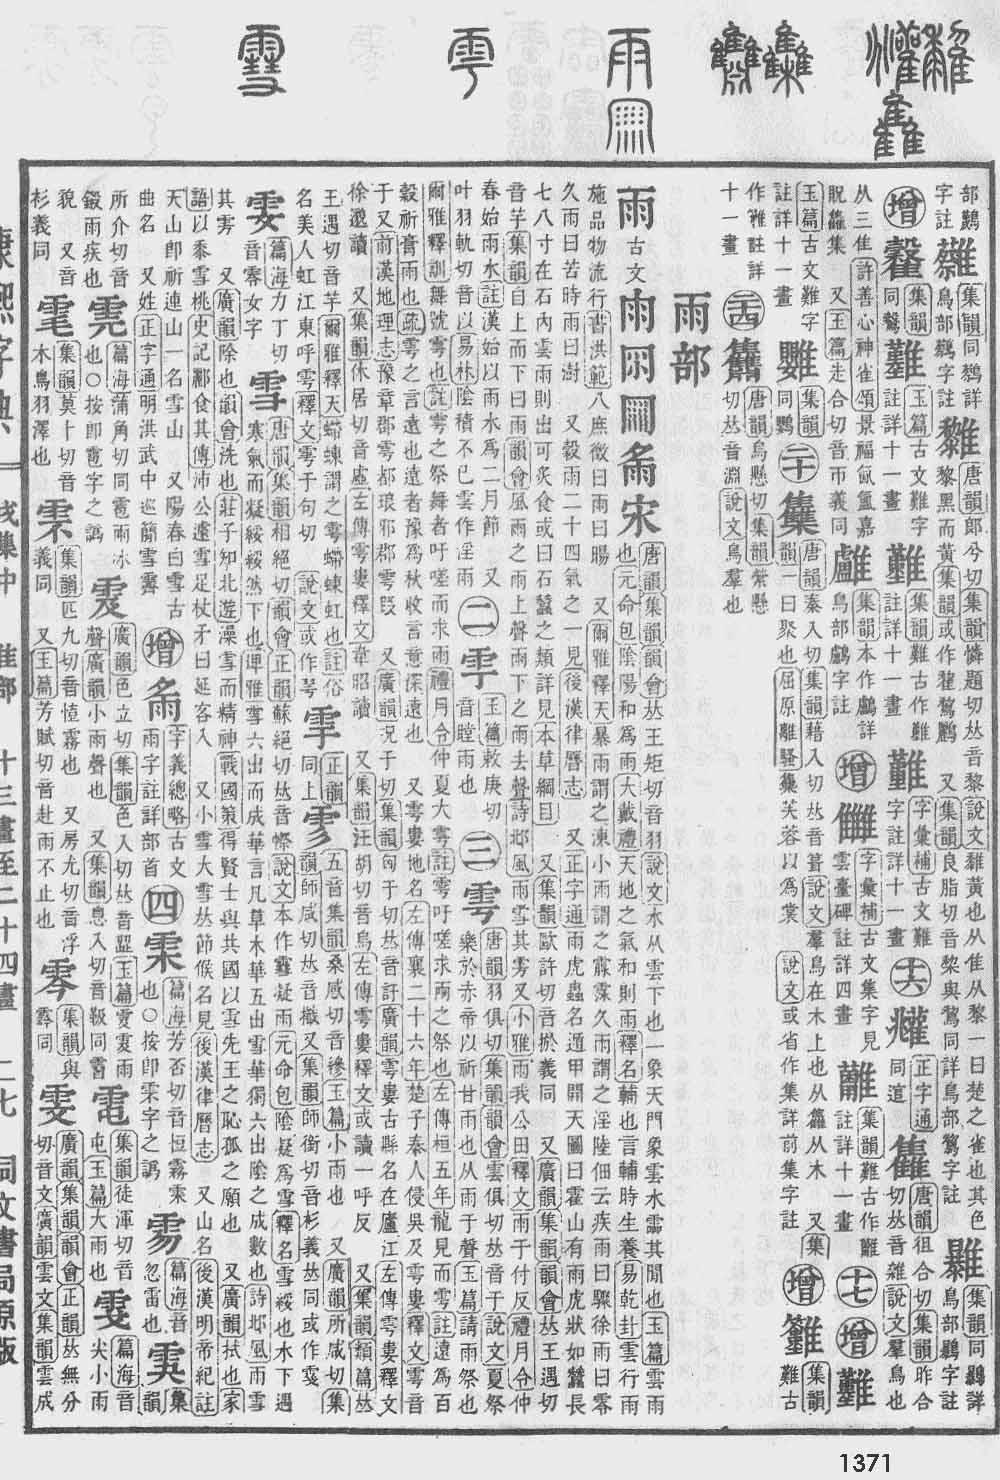 《康熙字典》第1371页